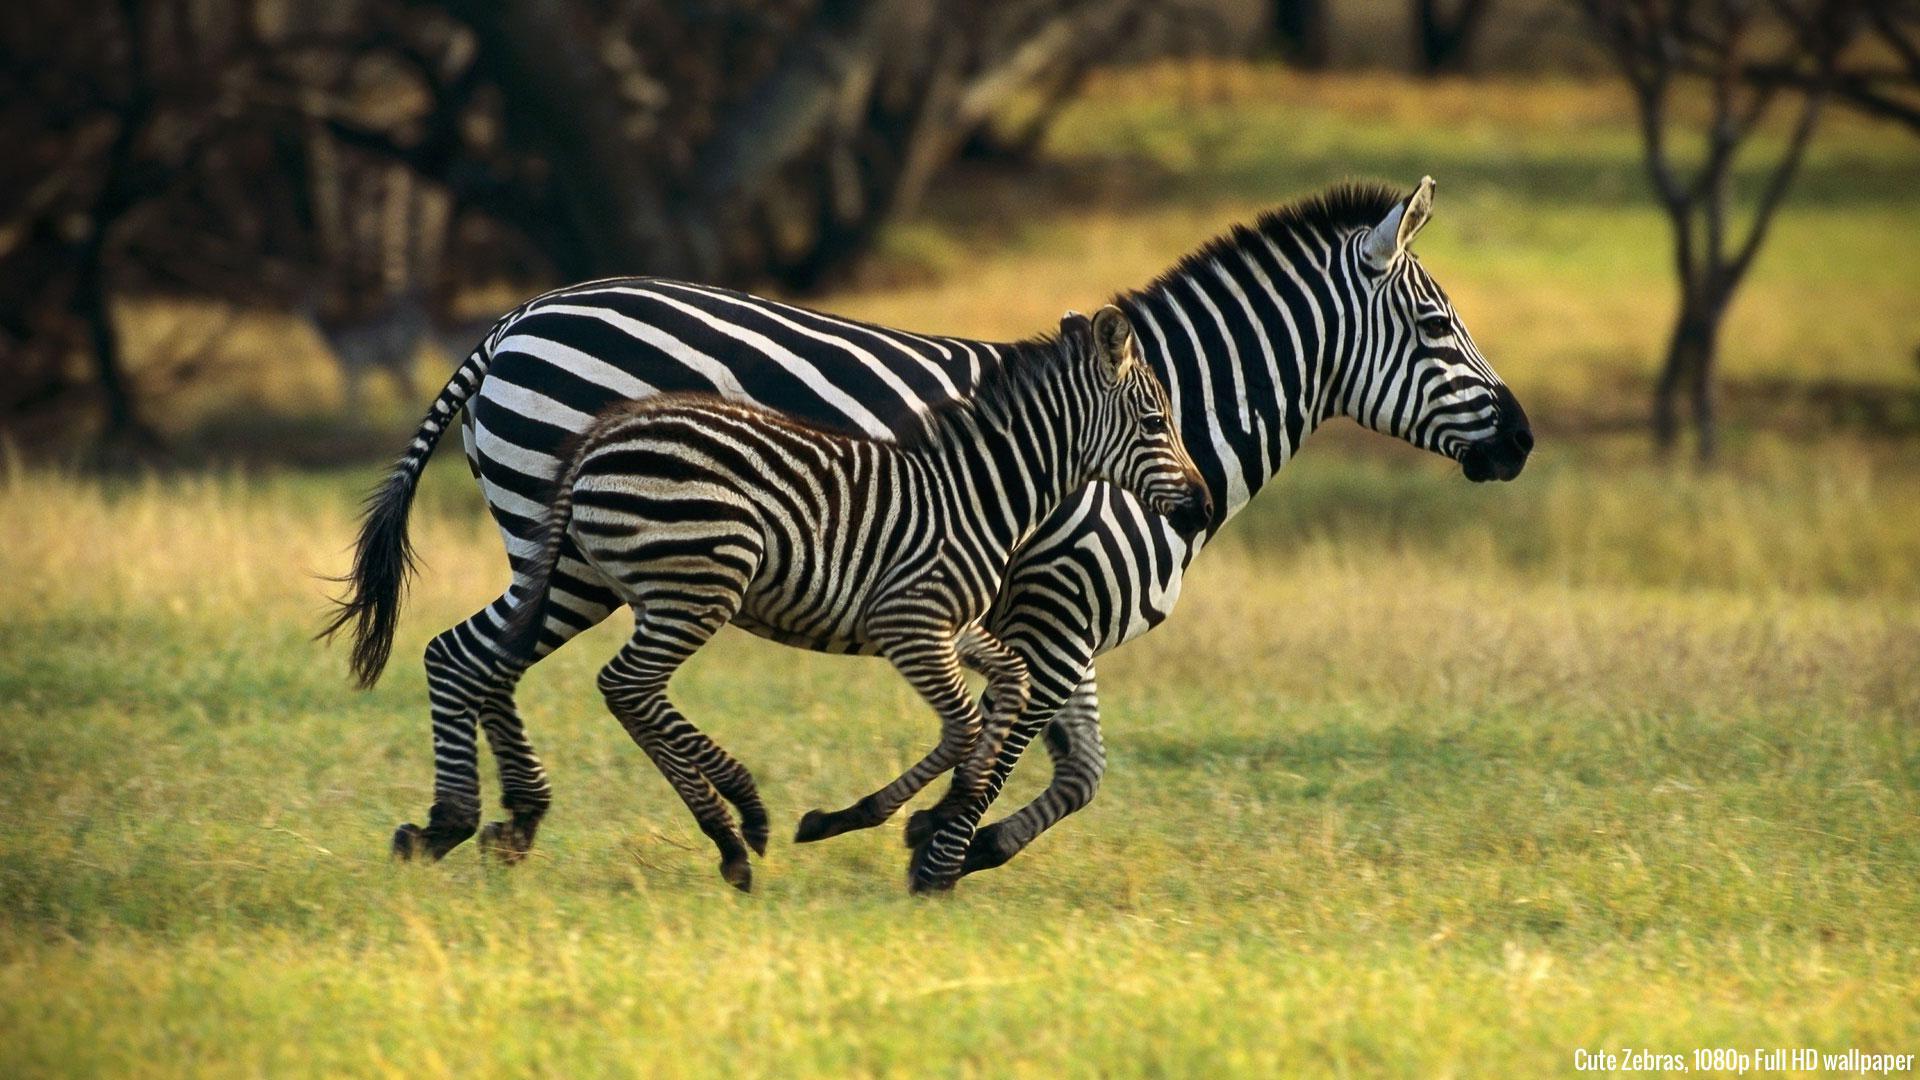 High Definition Zebra Wallpaper 1920x1080